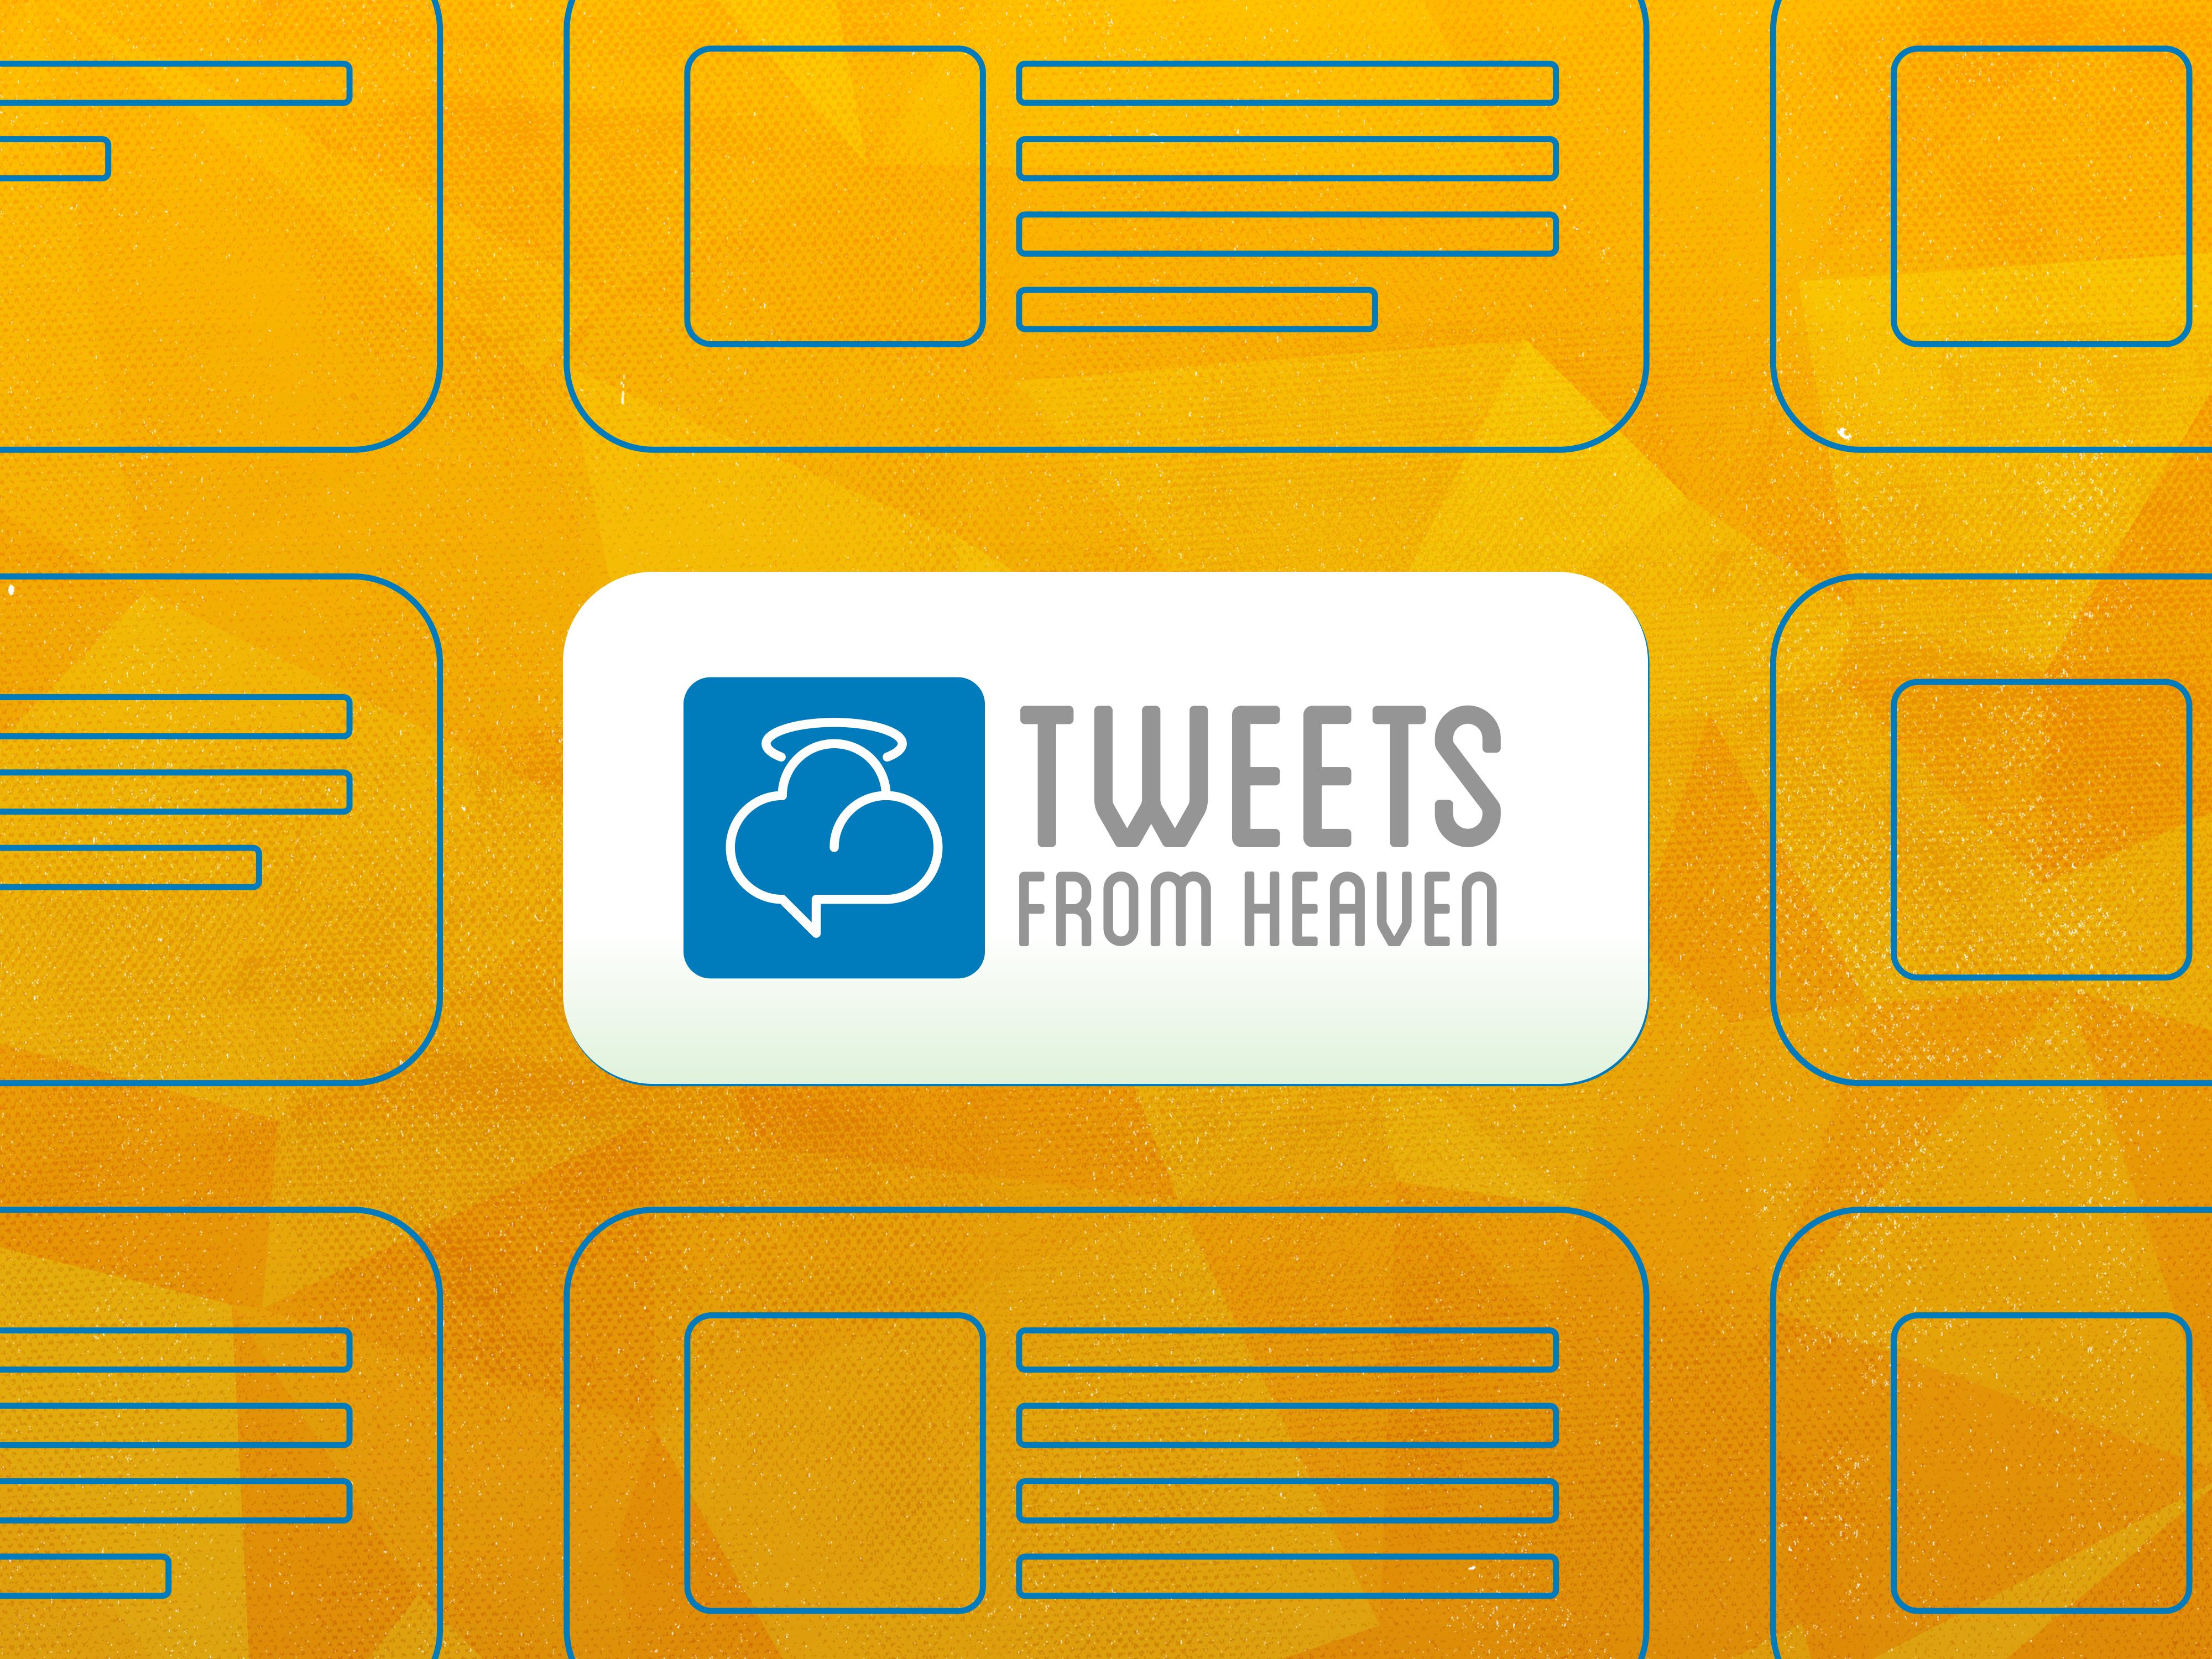 hero-tweets